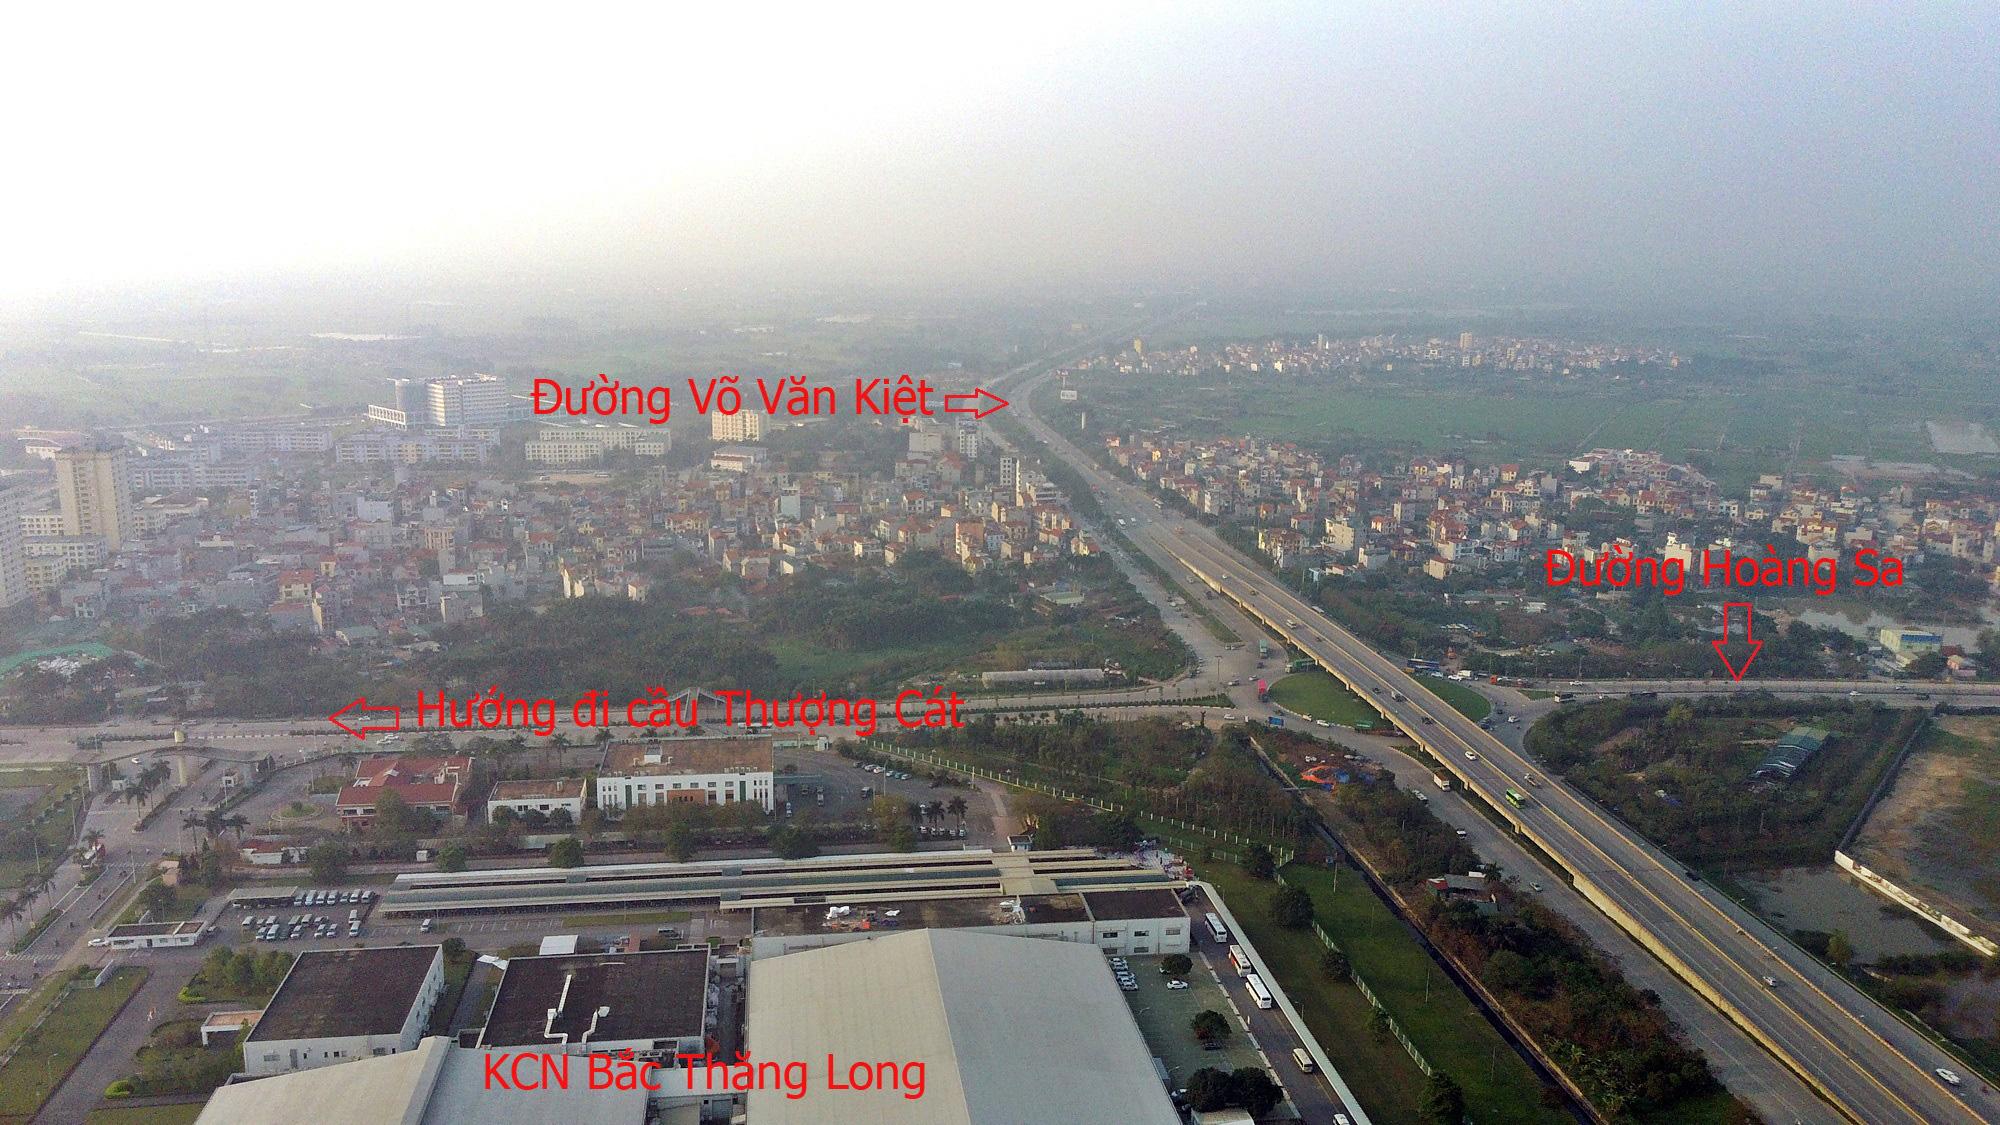 Cầu sẽ mở theo qui hoạch ở Hà Nội: Toàn cảnh cầu Thượng Cát nối Bắc Từ Liêm với Đông Anh - Ảnh 19.